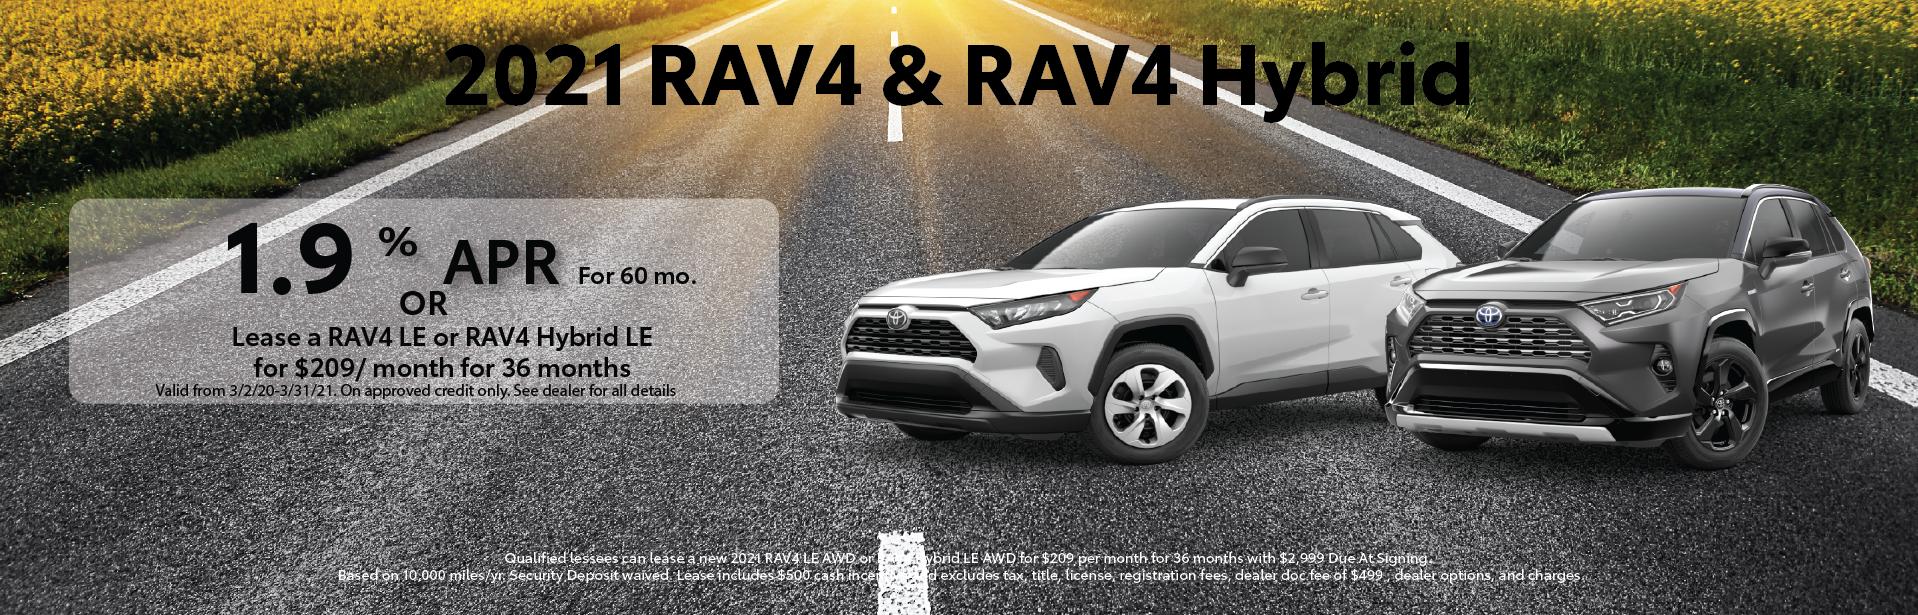 Mar. 2021 – RAV4 – Lynch Homepage